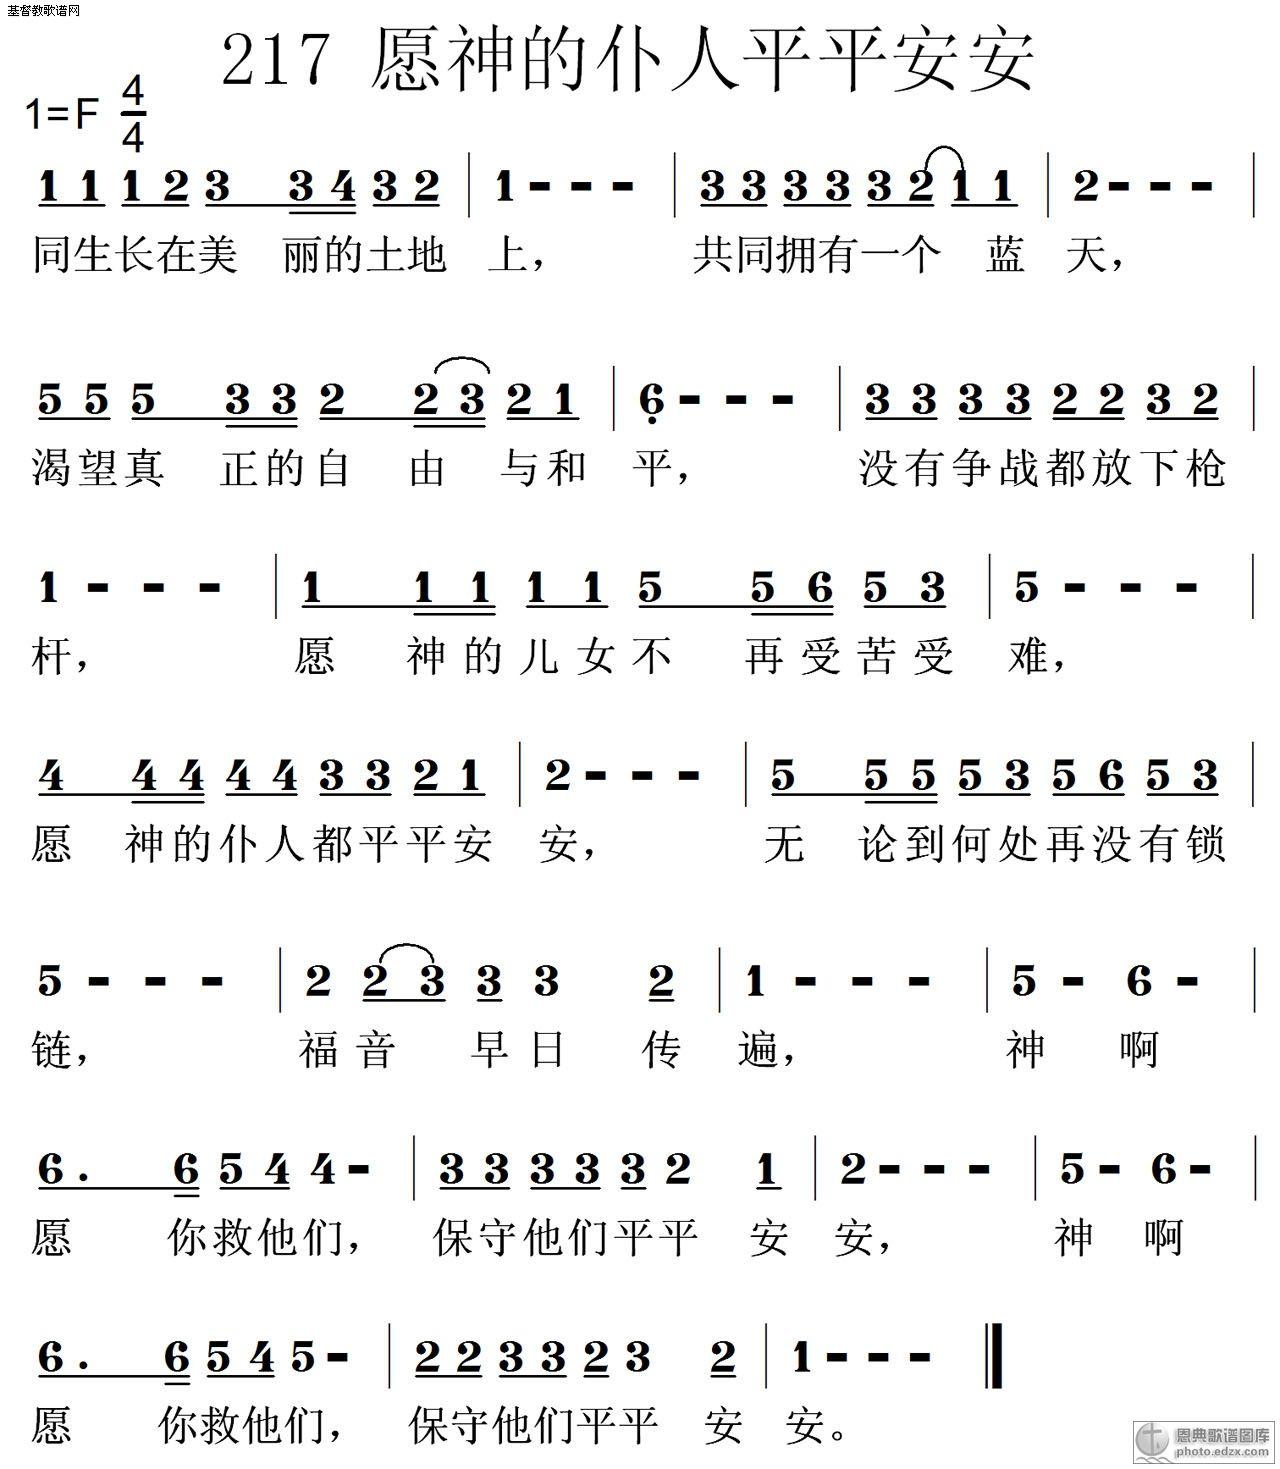 0217愿神的仆人都平平安安 基督教歌谱赞美诗歌谱